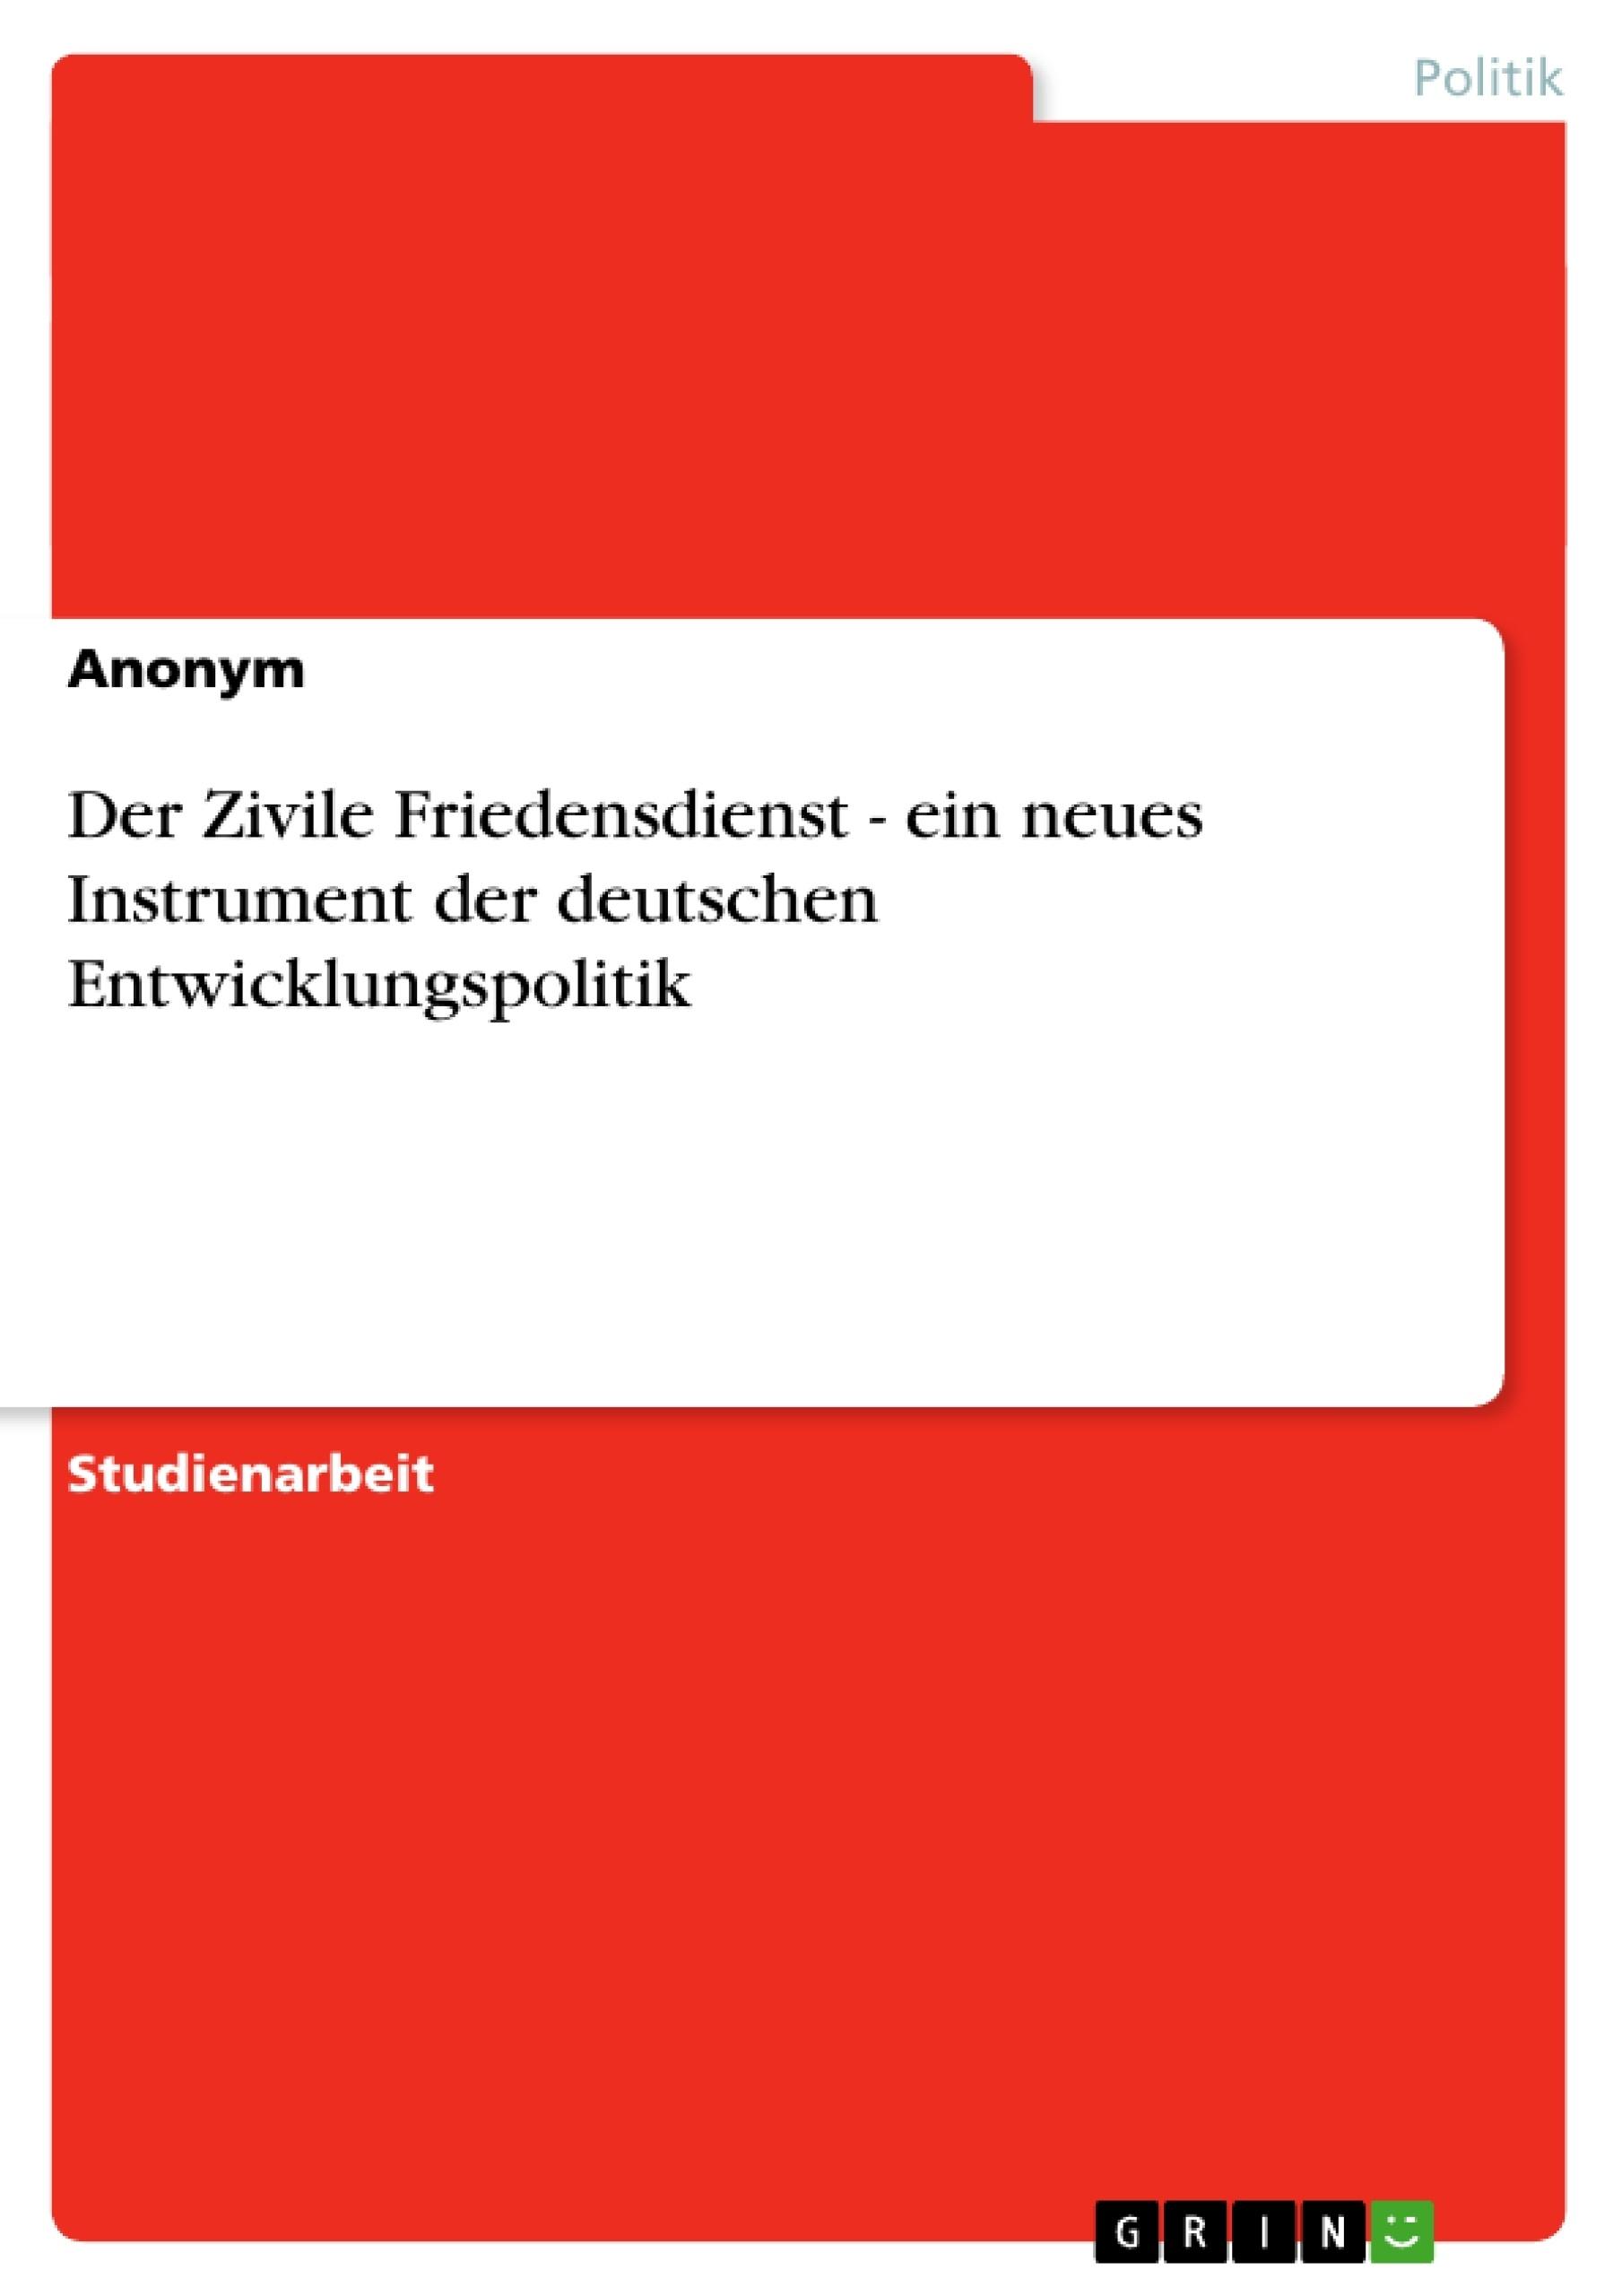 Titel: Der Zivile Friedensdienst - ein neues Instrument der deutschen Entwicklungspolitik